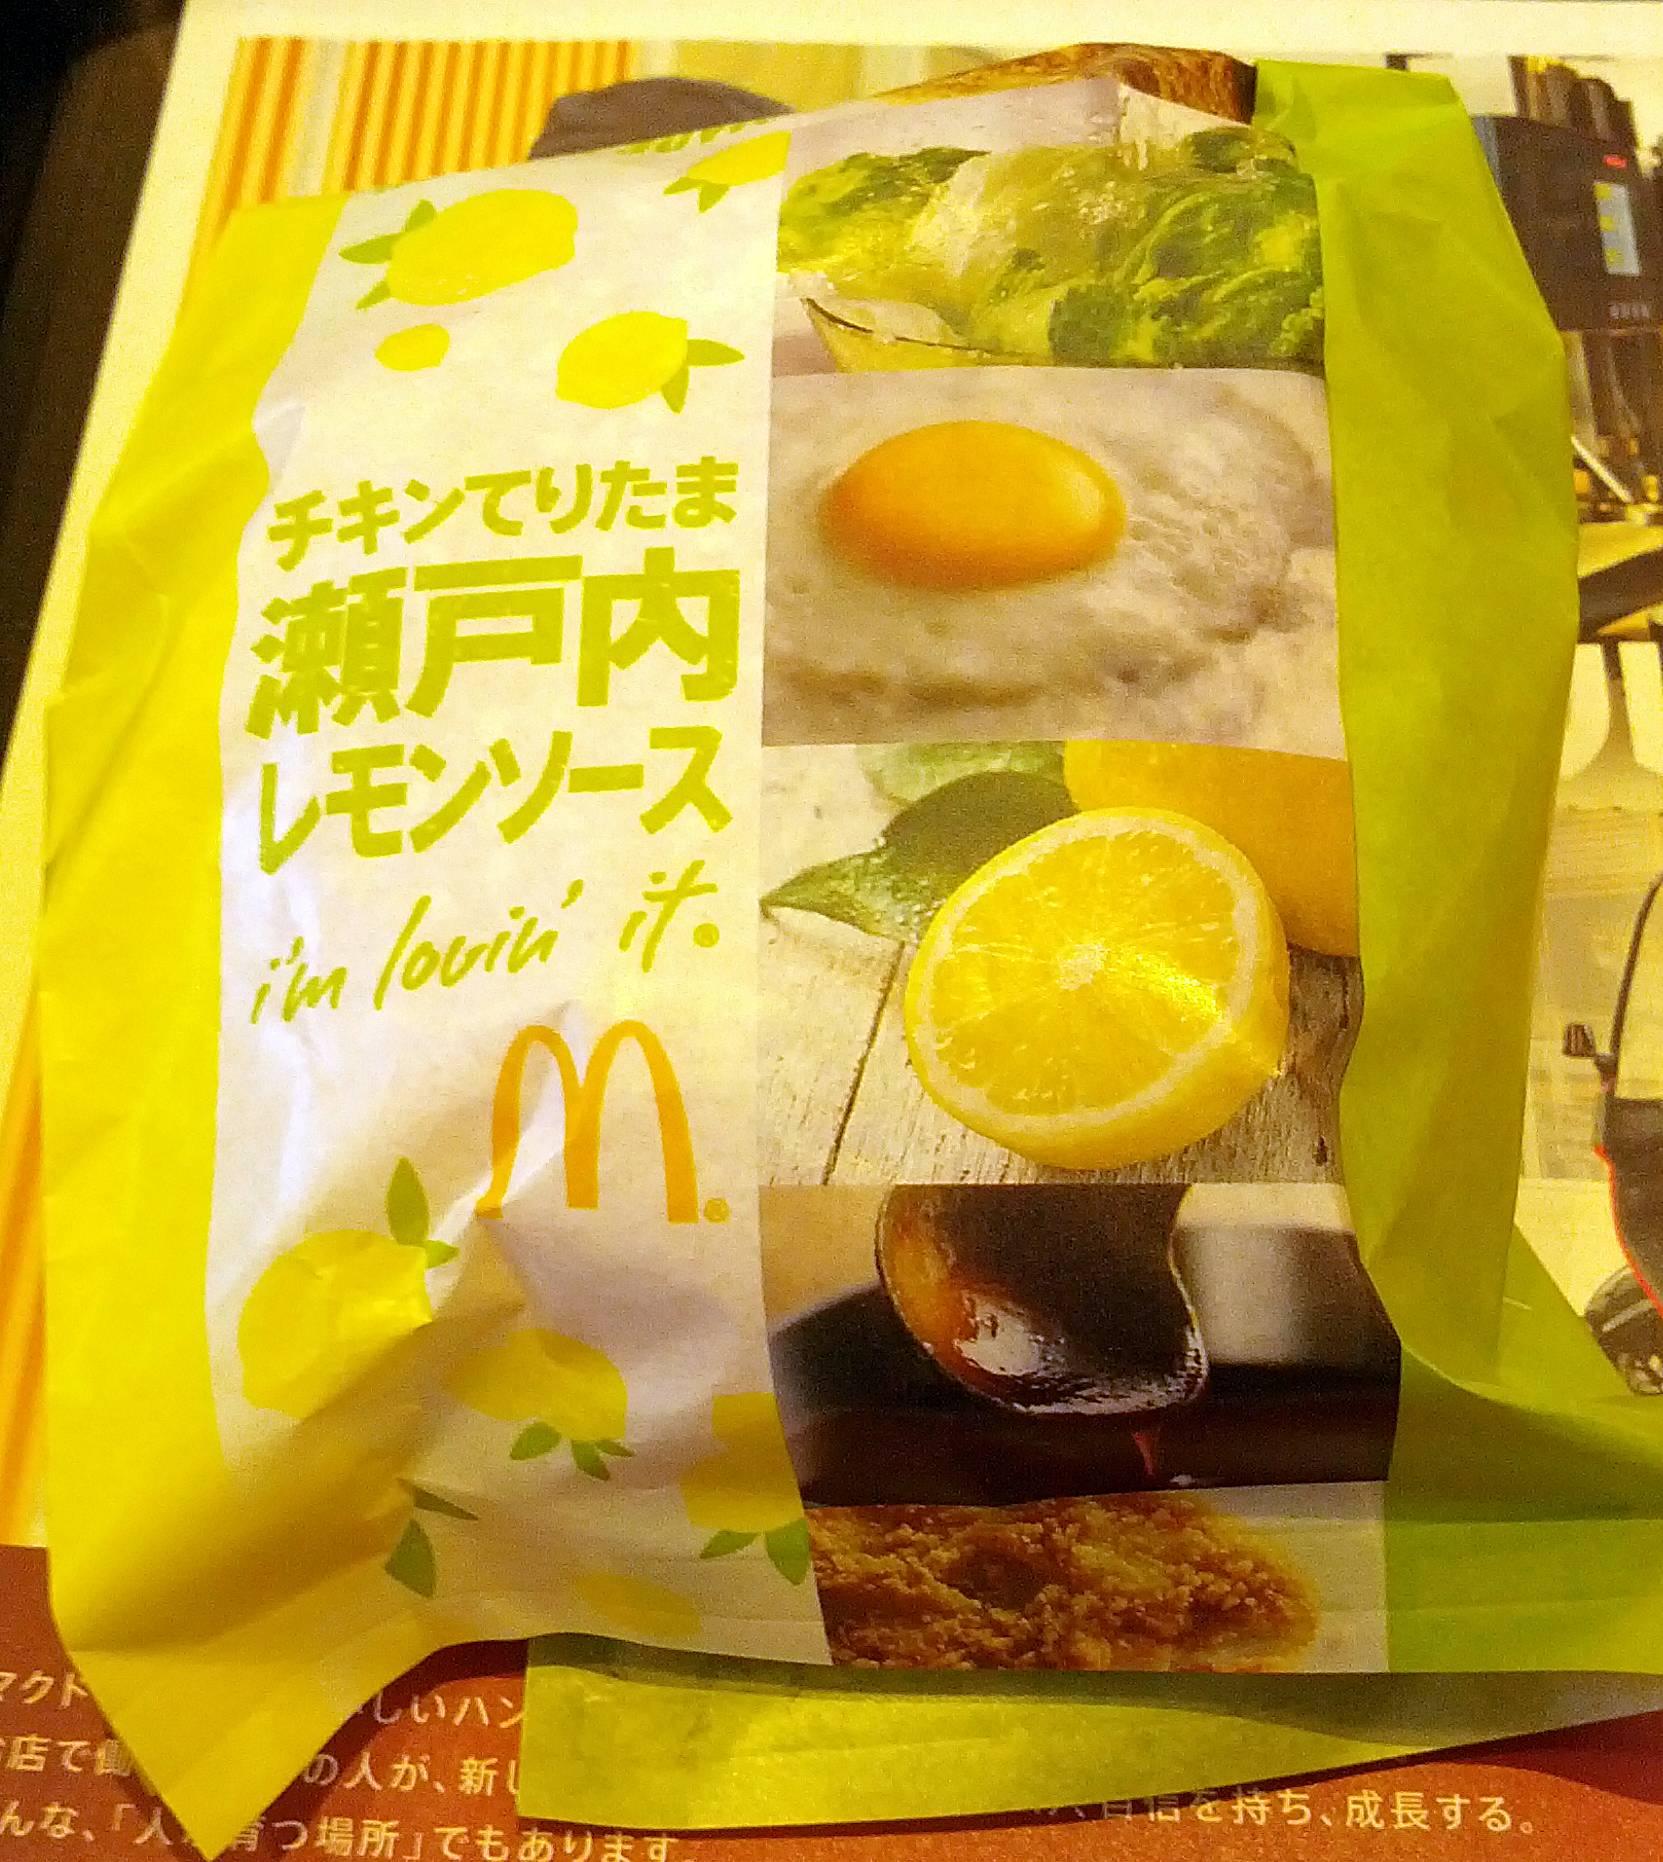 マクドナルド、チキンてりたま瀬戸内レモンソース